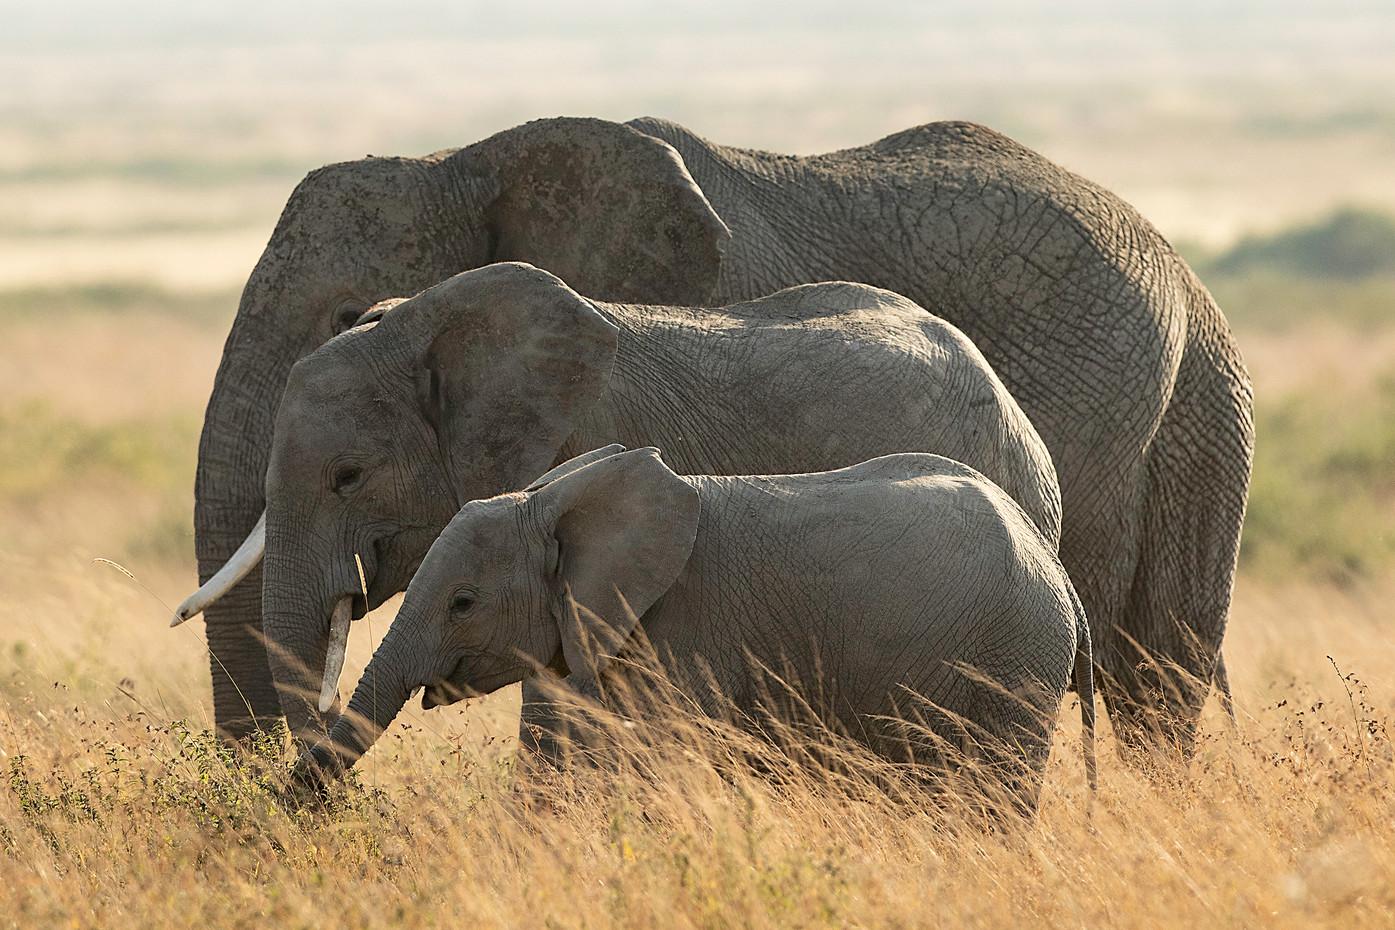 Elephants in the Serengeti NP, Tanzania